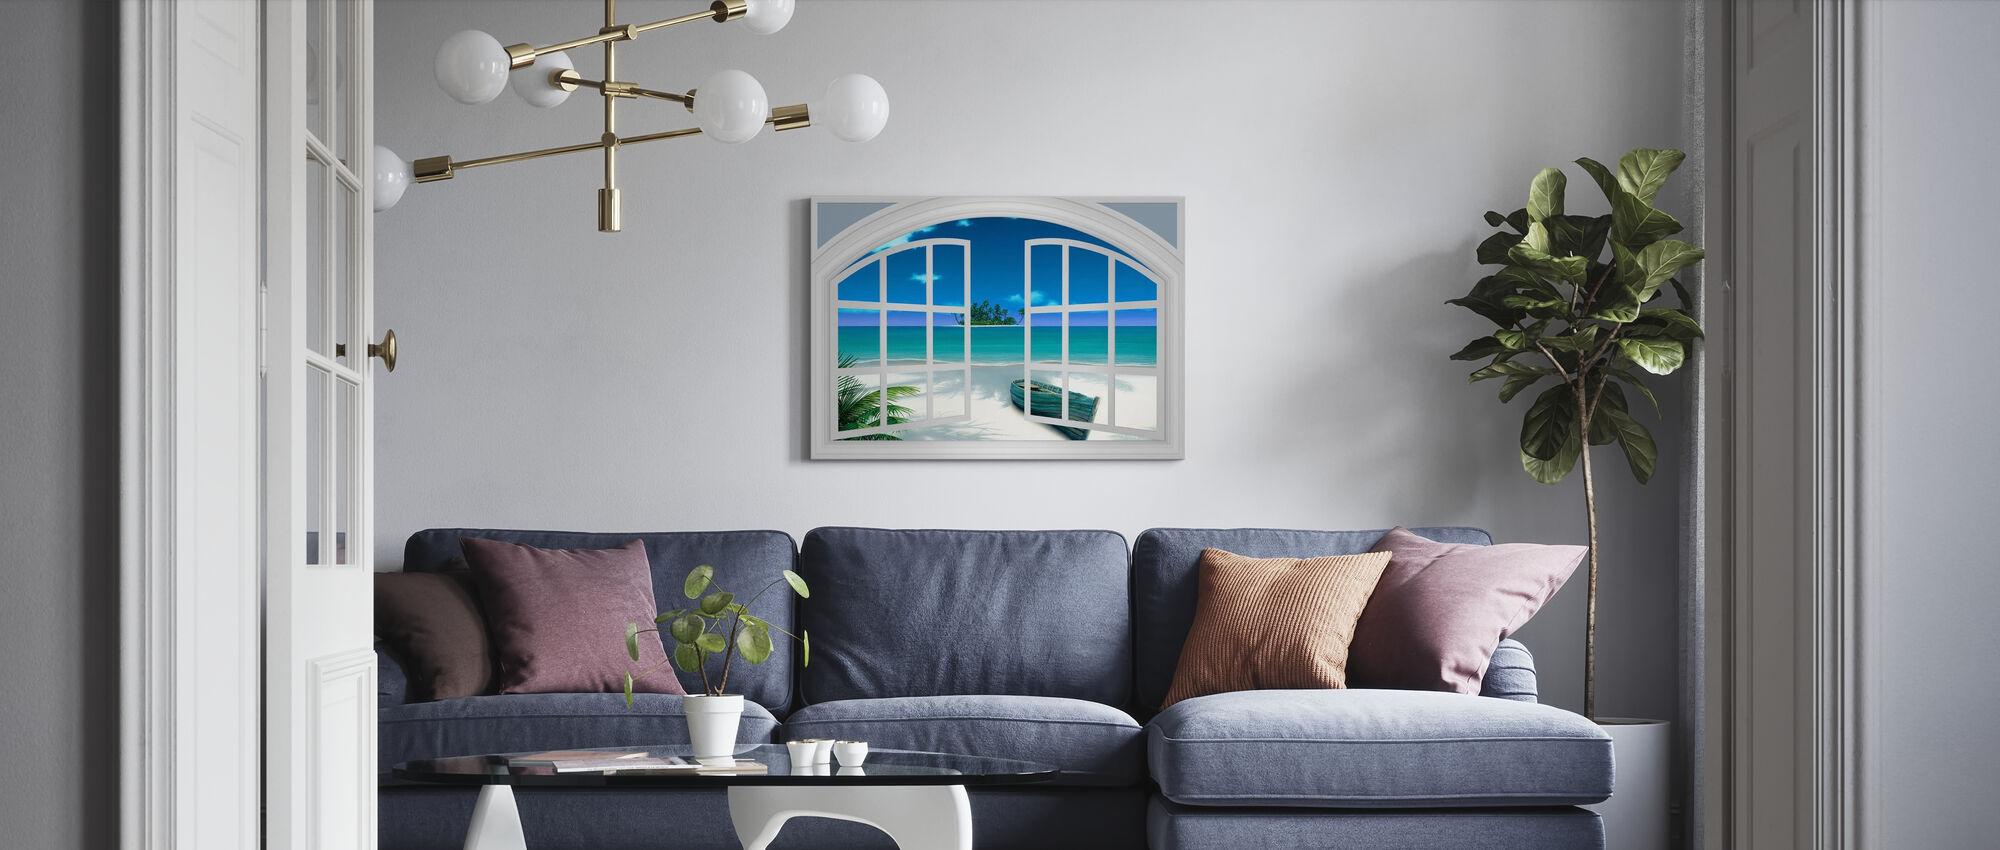 Strandutsikt genom fönster - Canvastavla - Vardagsrum